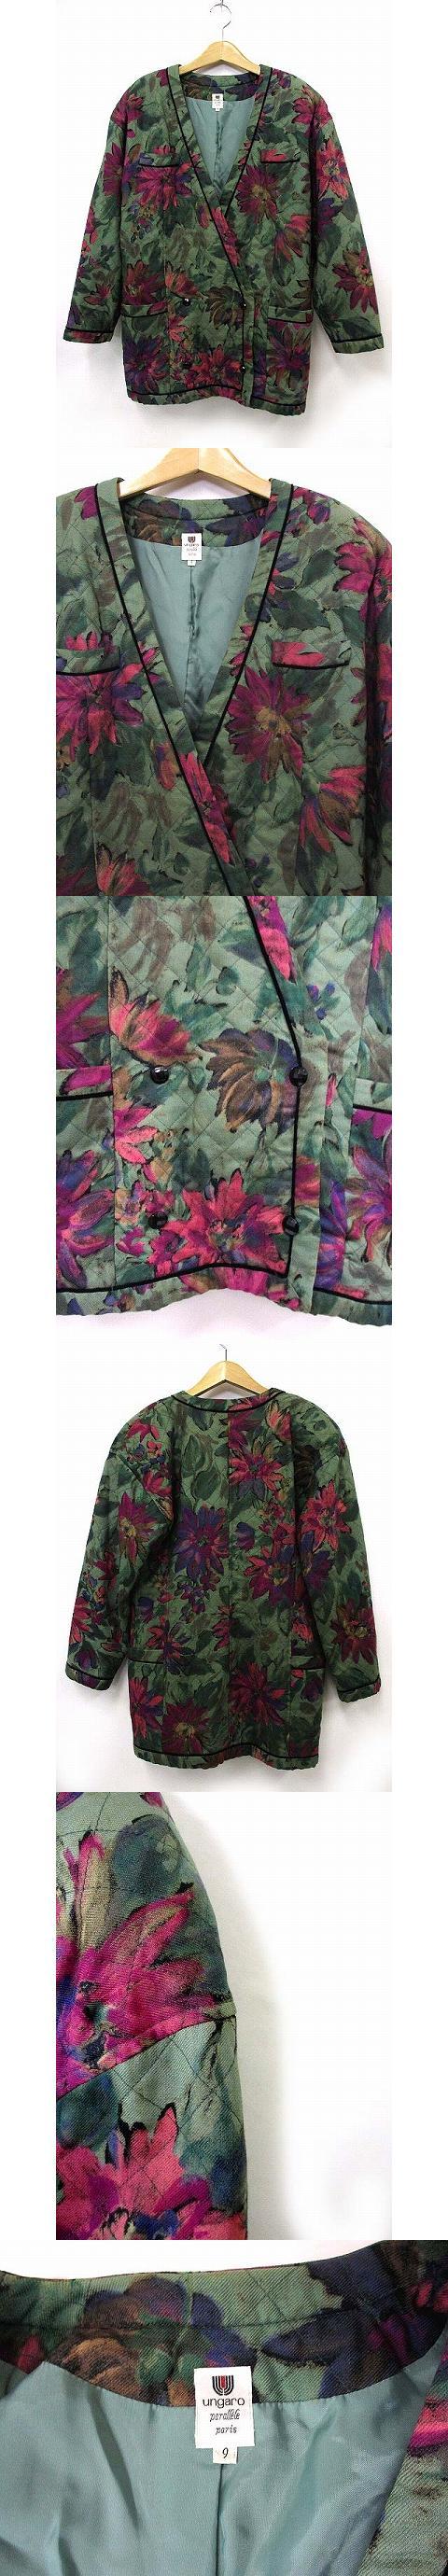 ノーカラー ジャケット 花柄 総柄 シルク 絹混 グリーン 緑系 9AR IBS11 アウター 190427MS14B